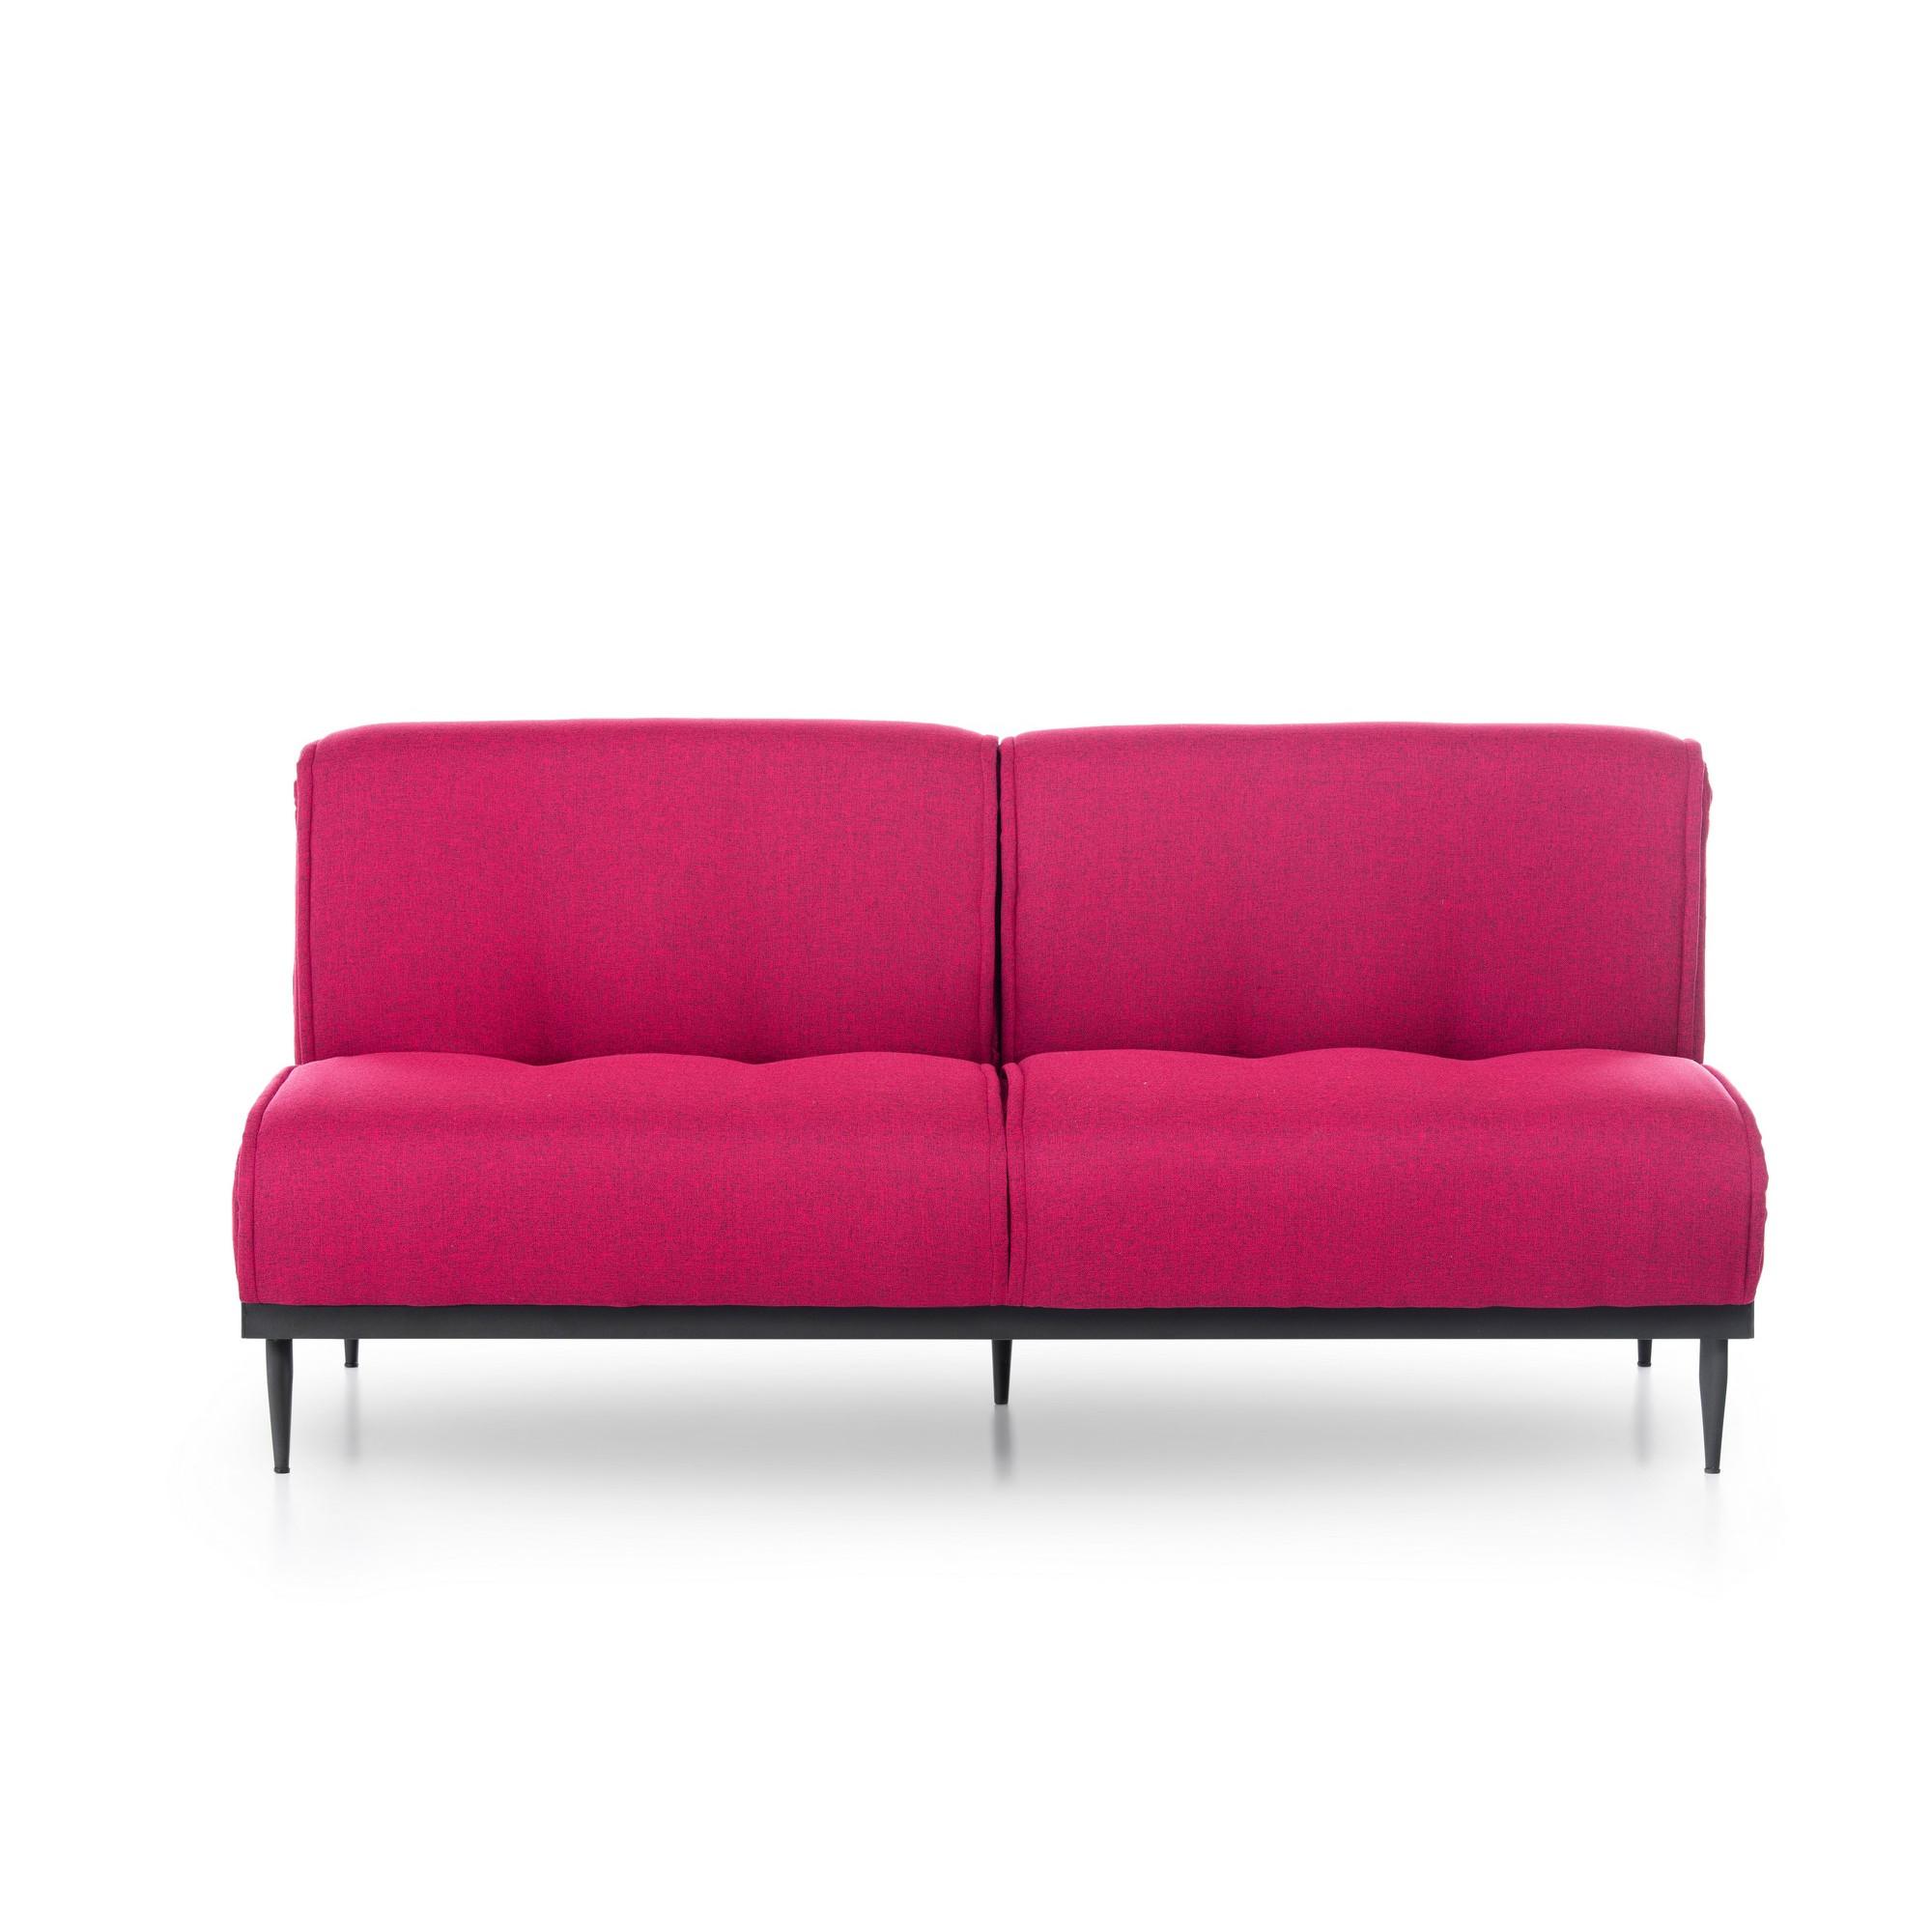 3 Seater Sofabed Anton   Fuchsia